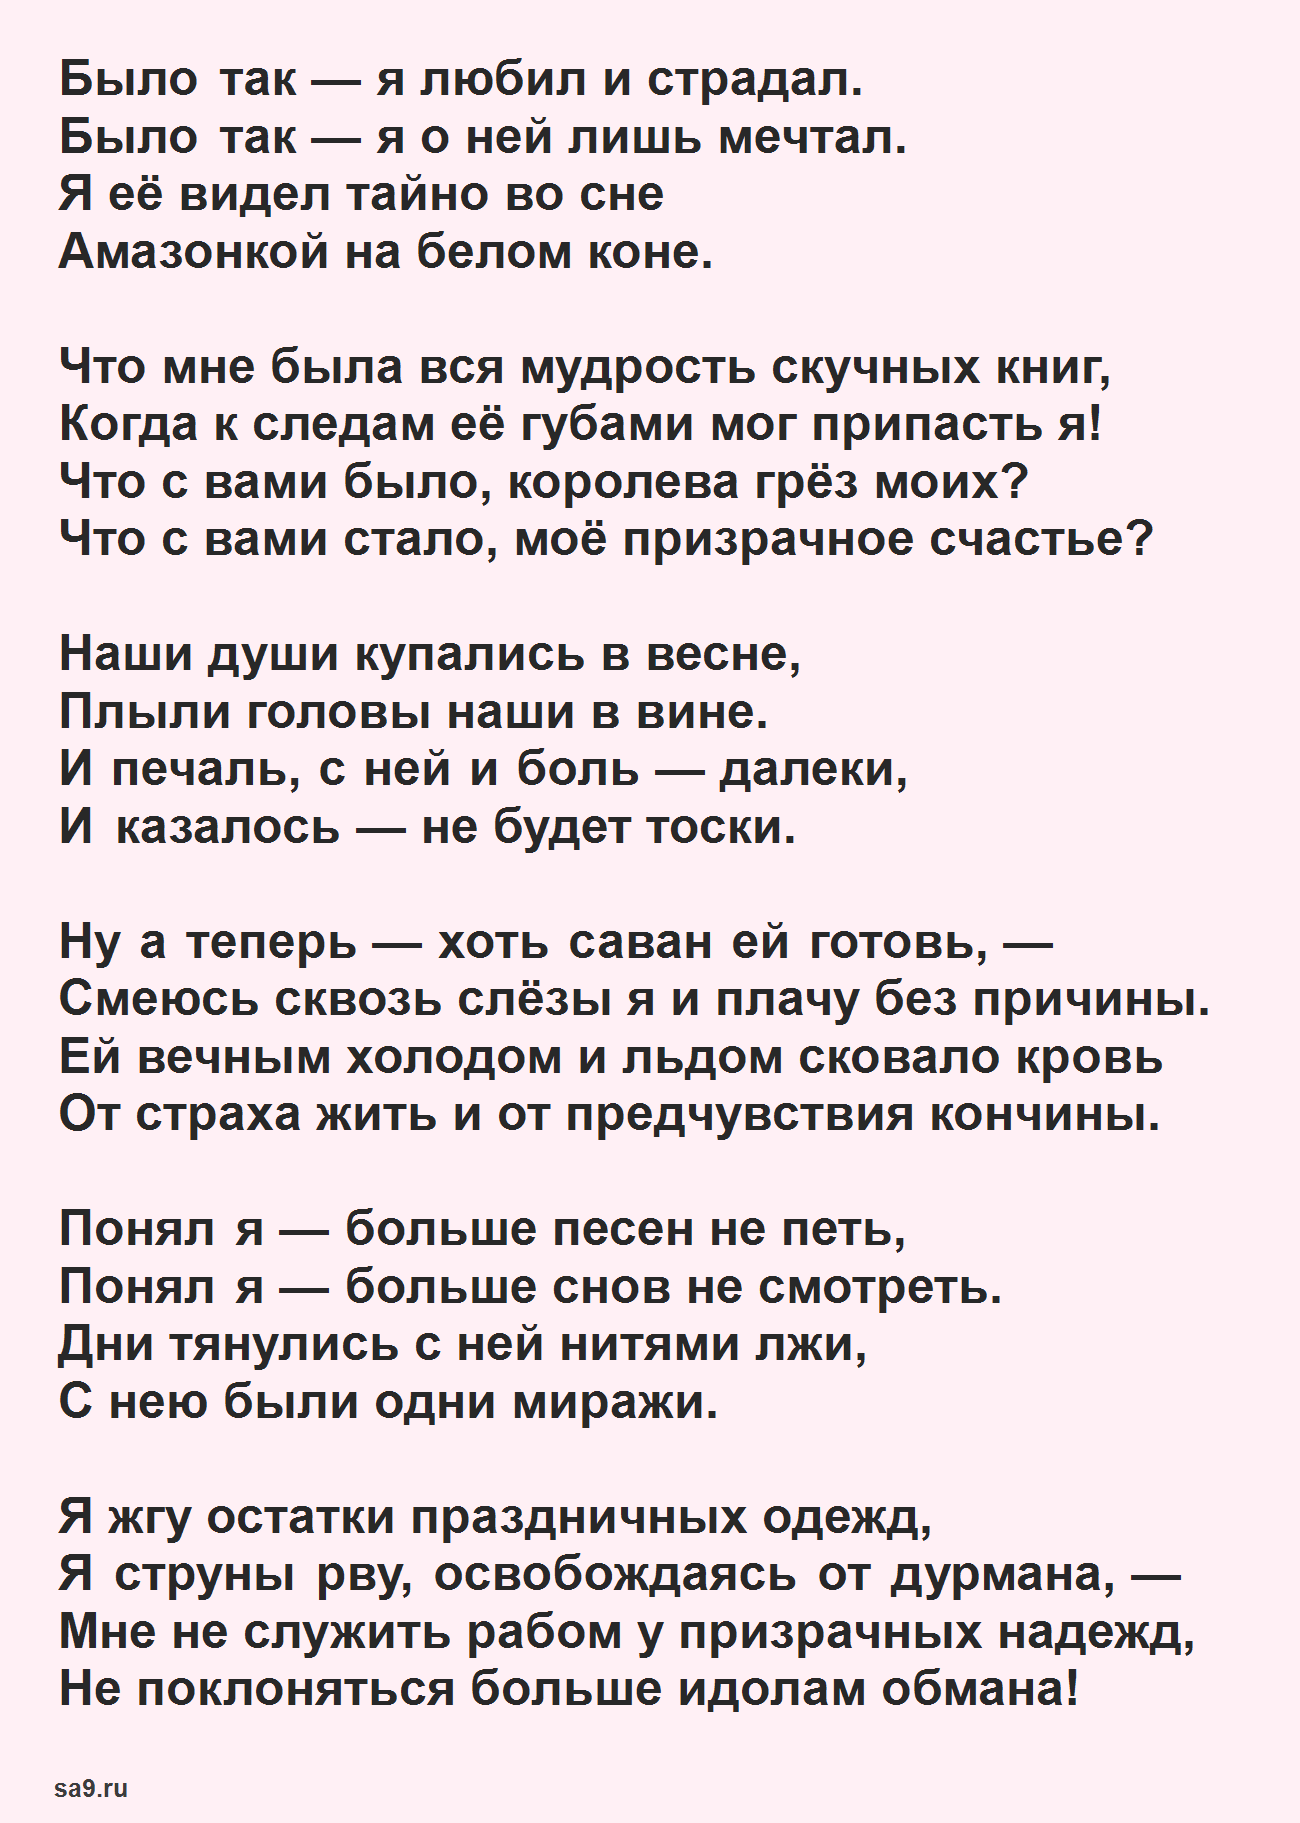 Романс Высоцкого, красивый, любимый